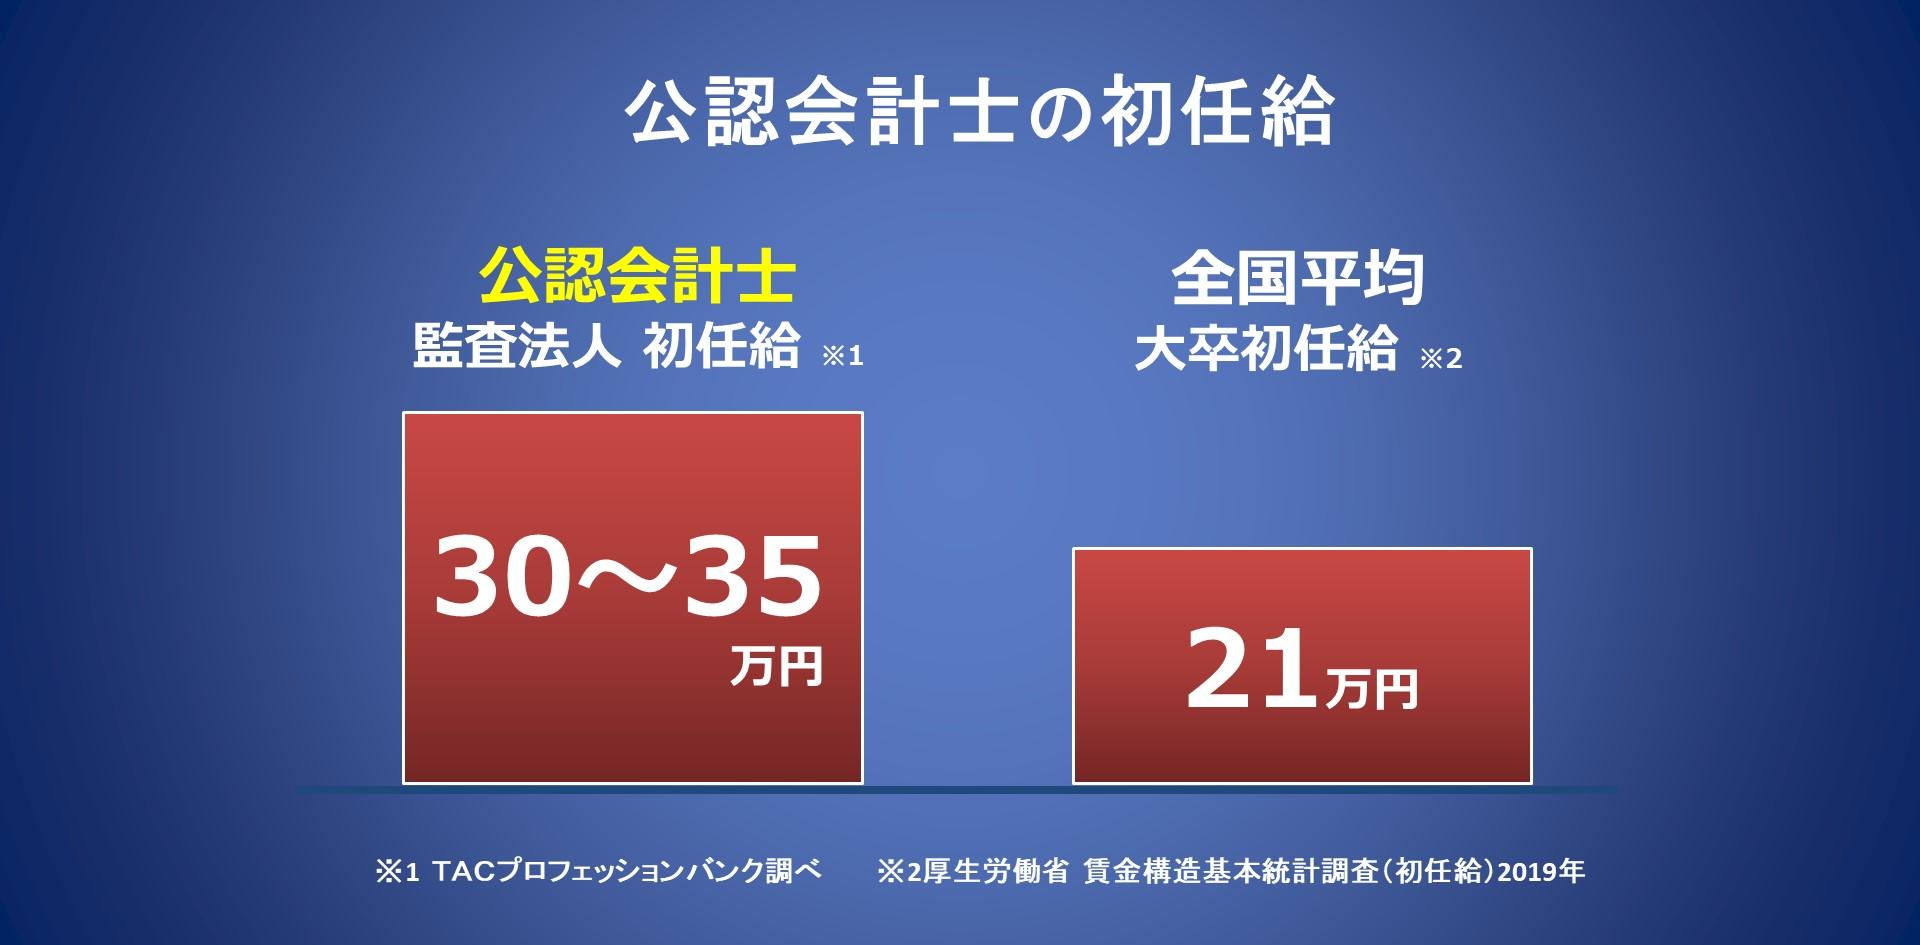 公認会計士 平均月収比較